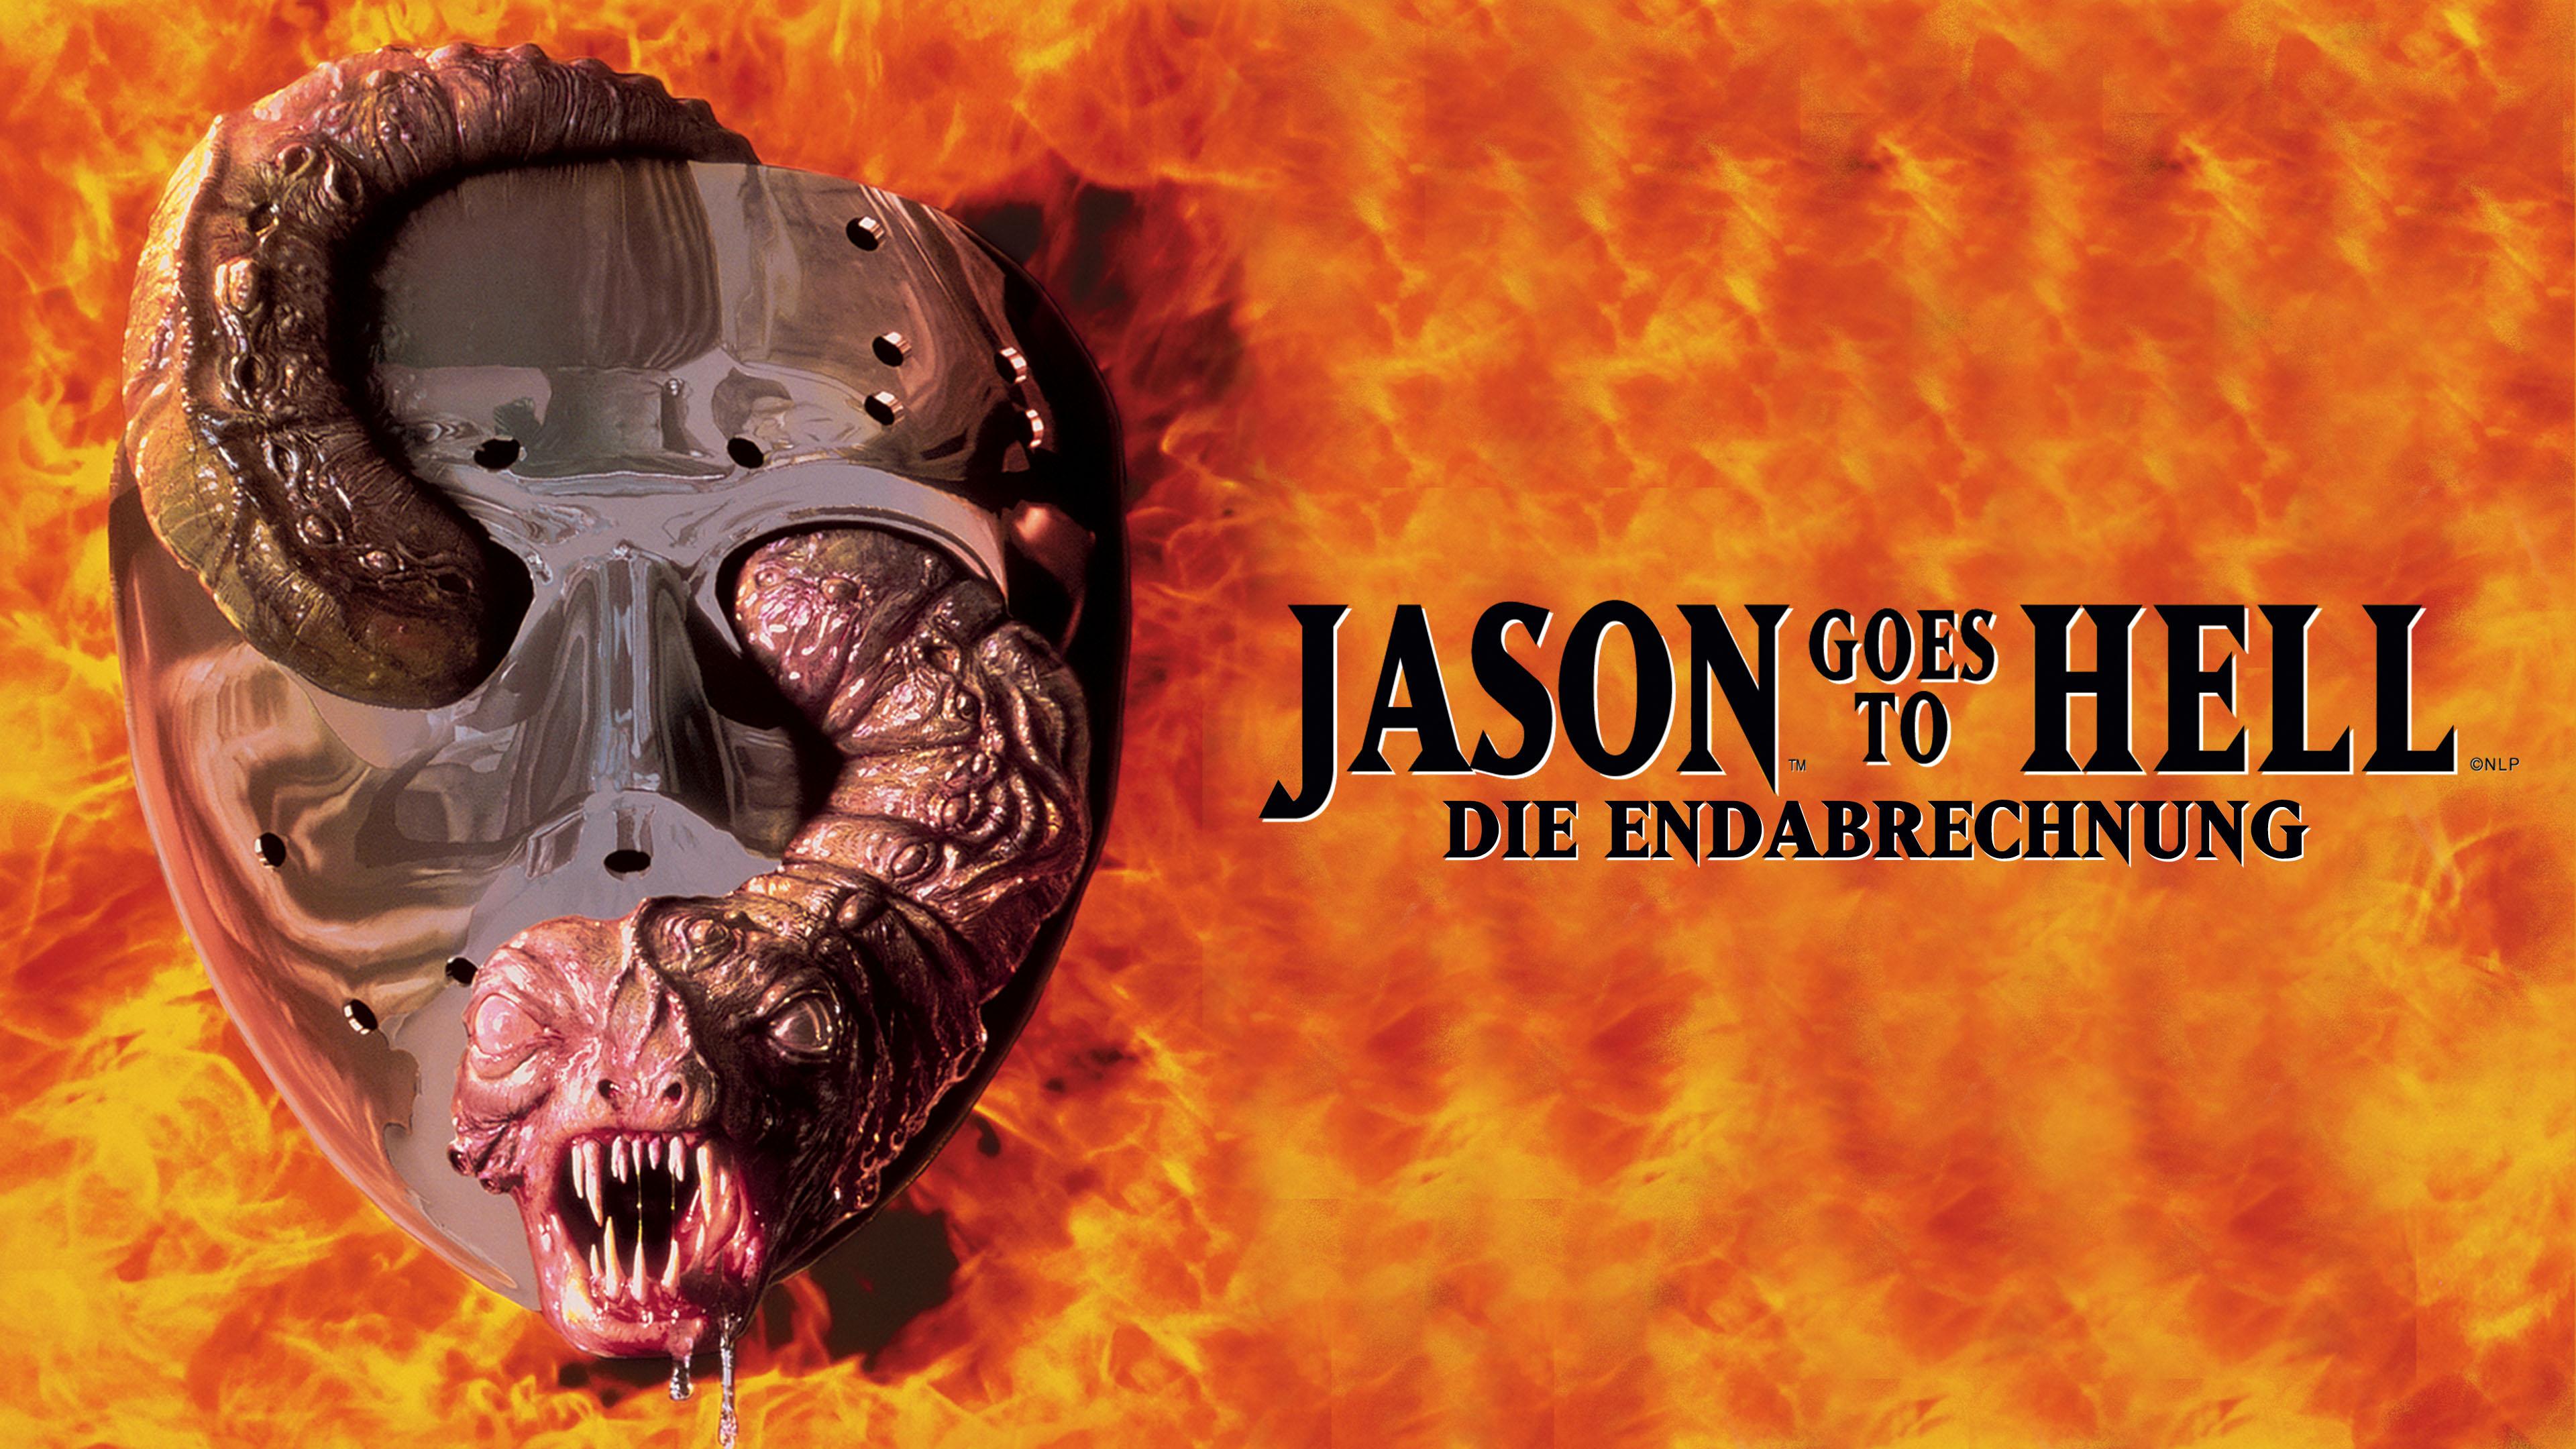 Jason Goes to Hell: Die Endabrechnung